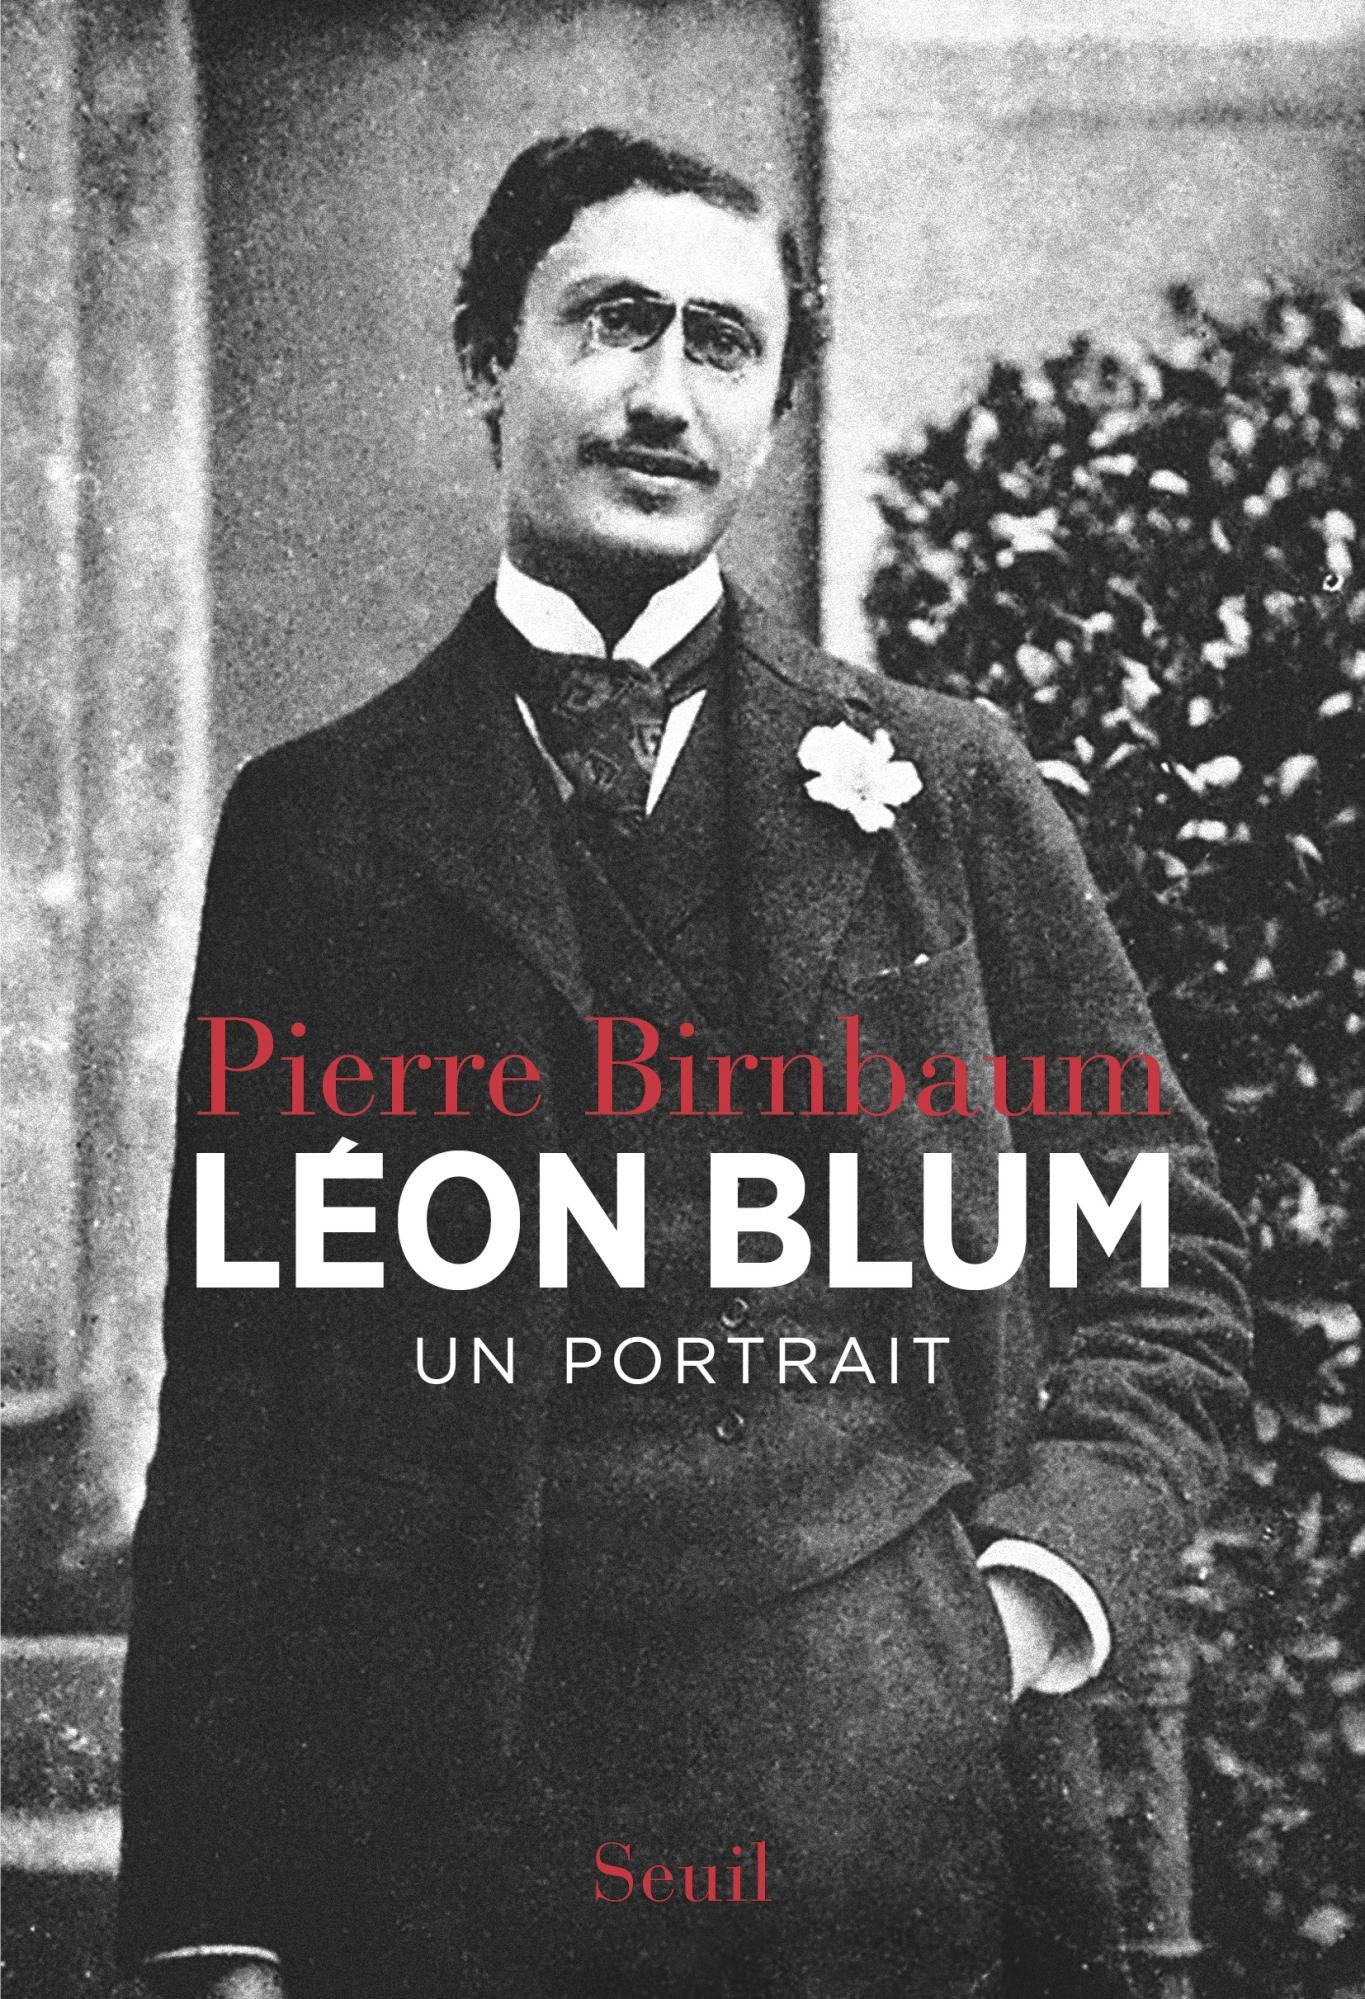 Leon Blum - Birnbaum Pierre